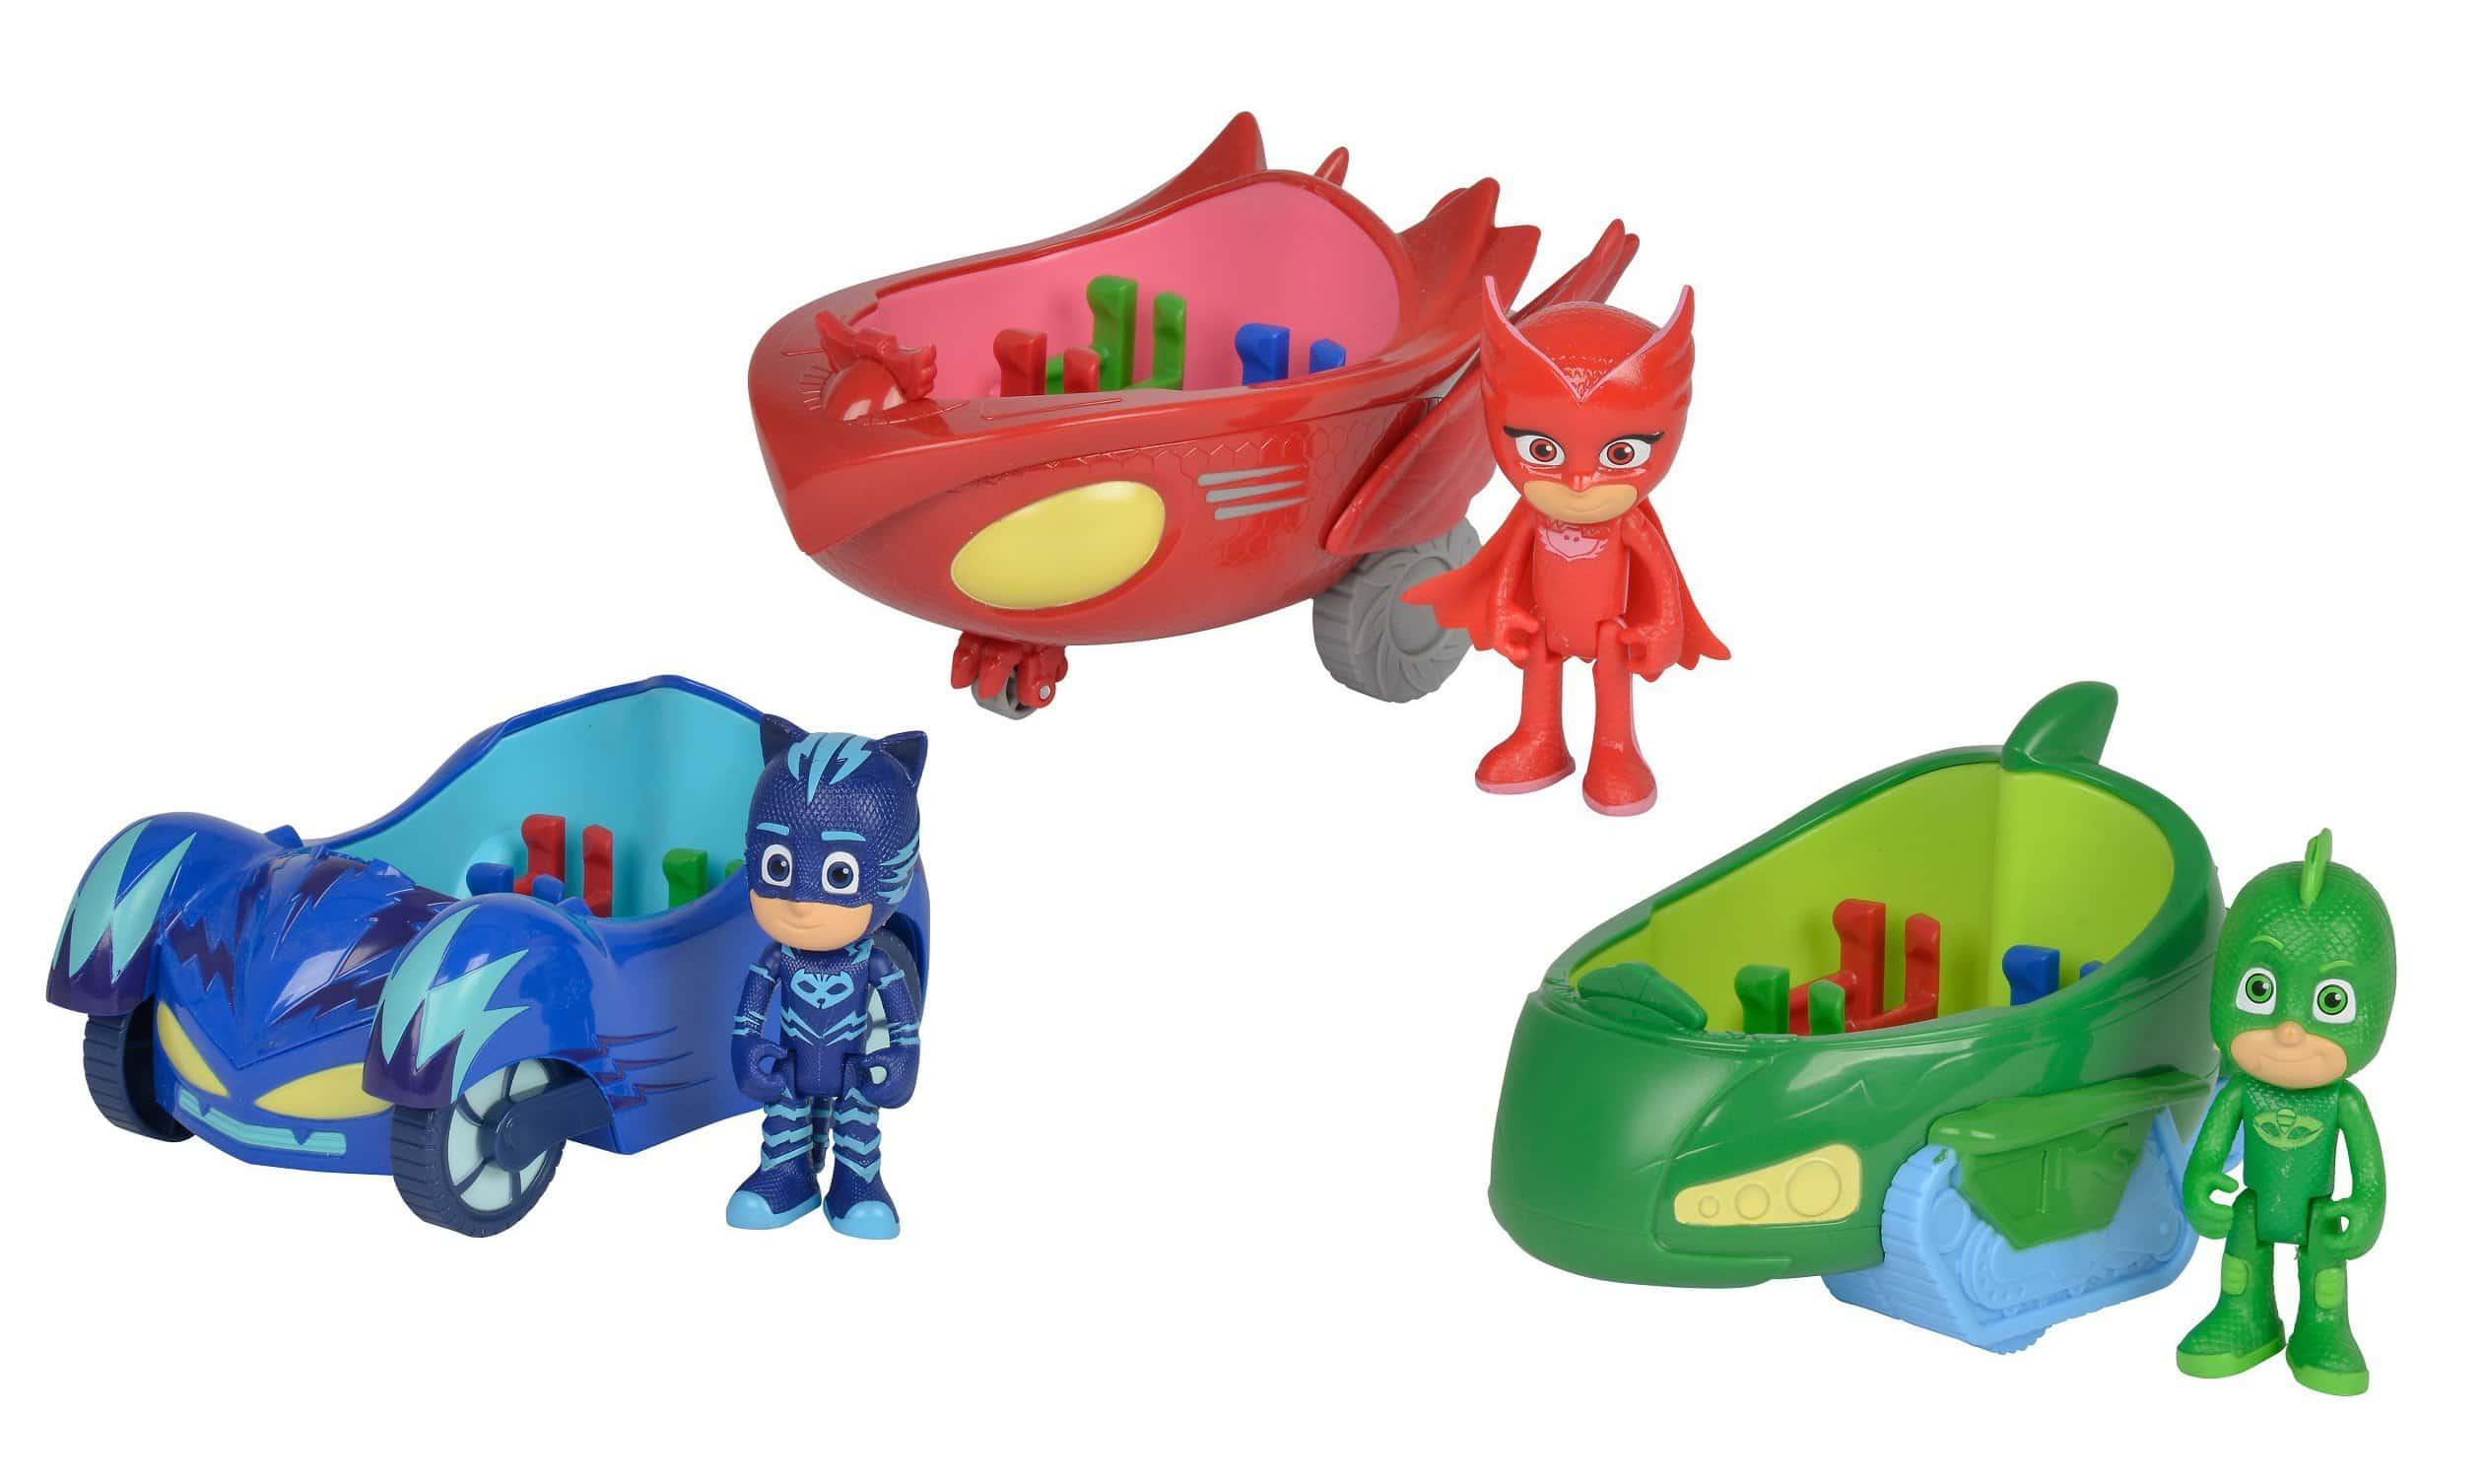 Catboy, Eulette und Gecko der PJ Masks